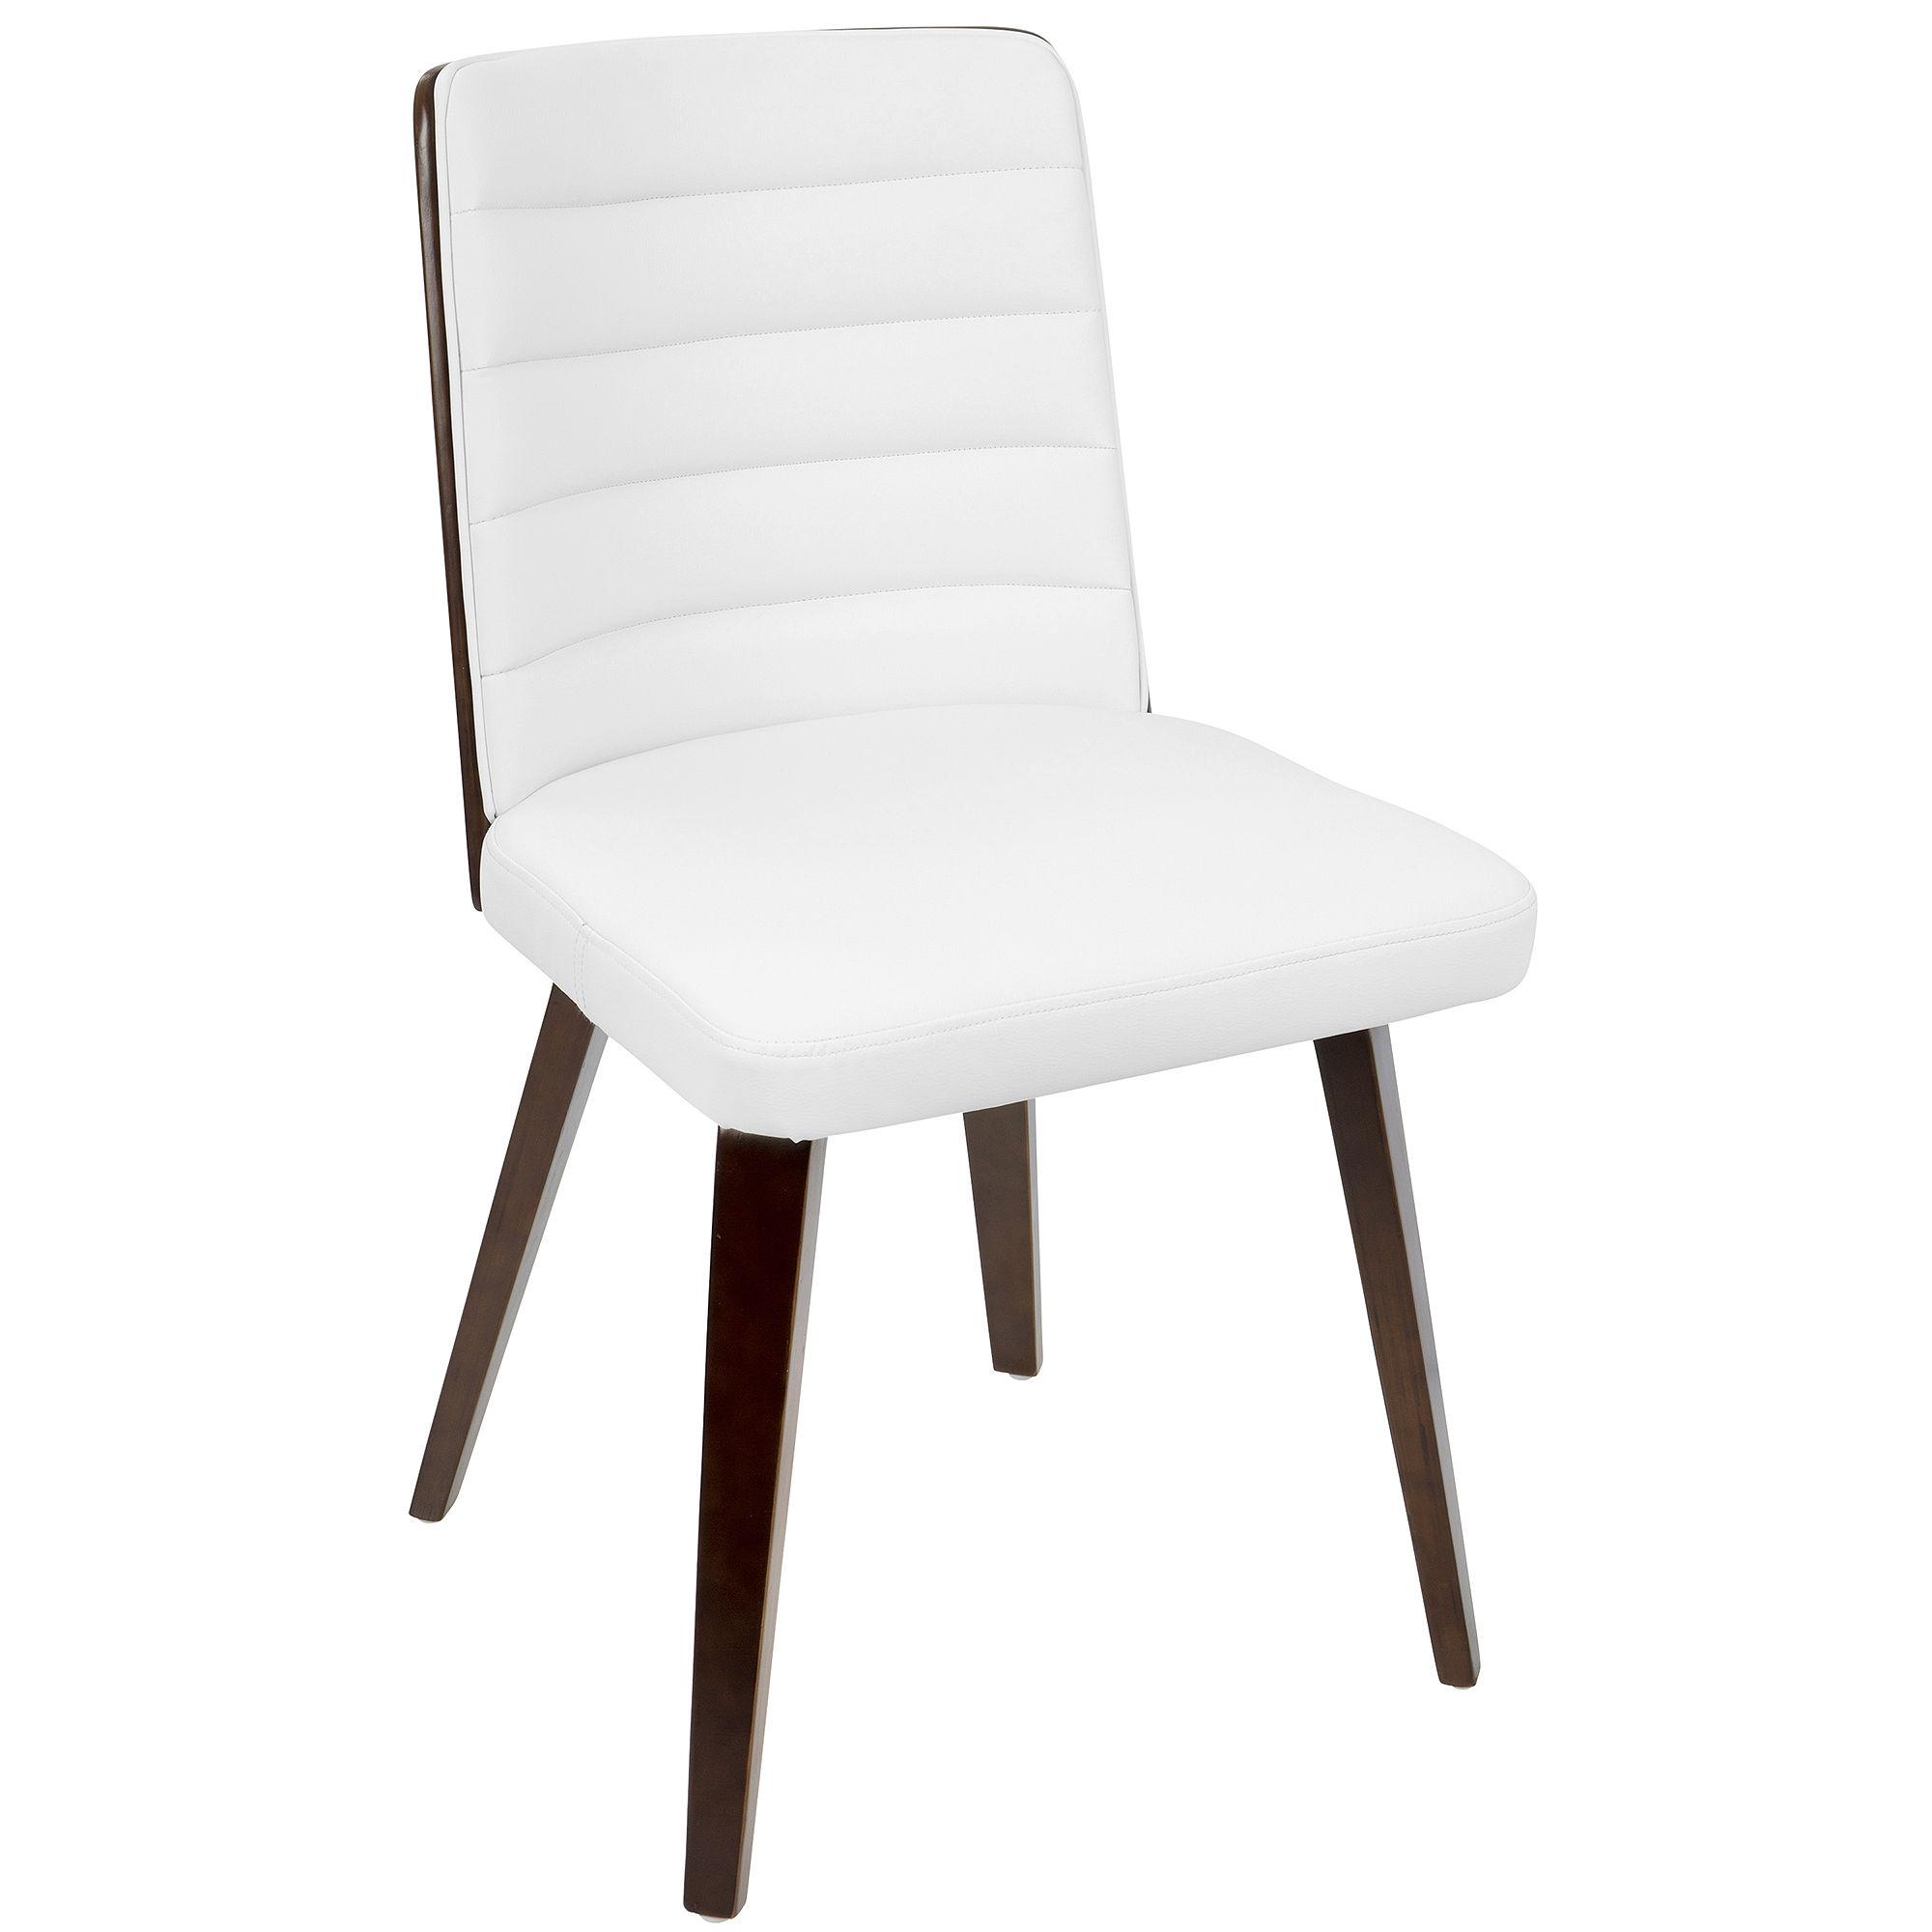 Francesca Retro Faux-Leather Side Chair